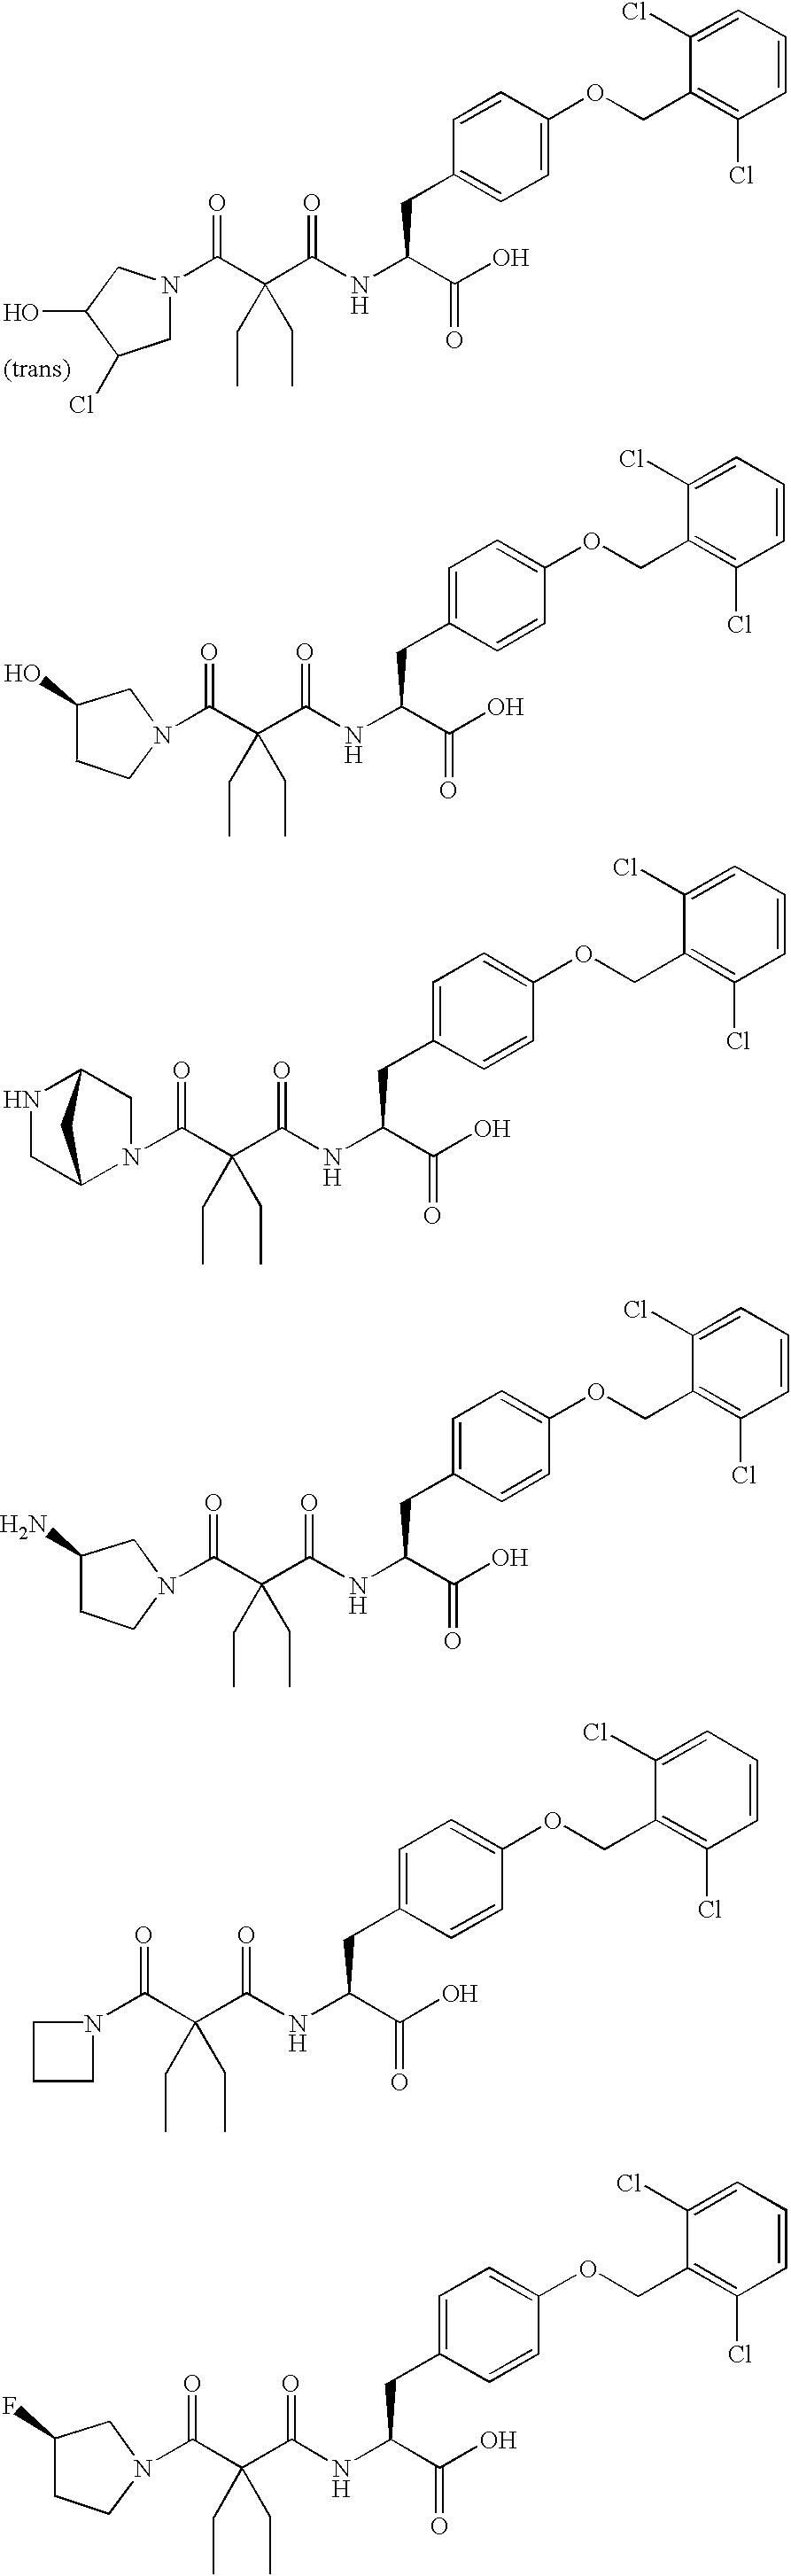 Figure US06855706-20050215-C00056